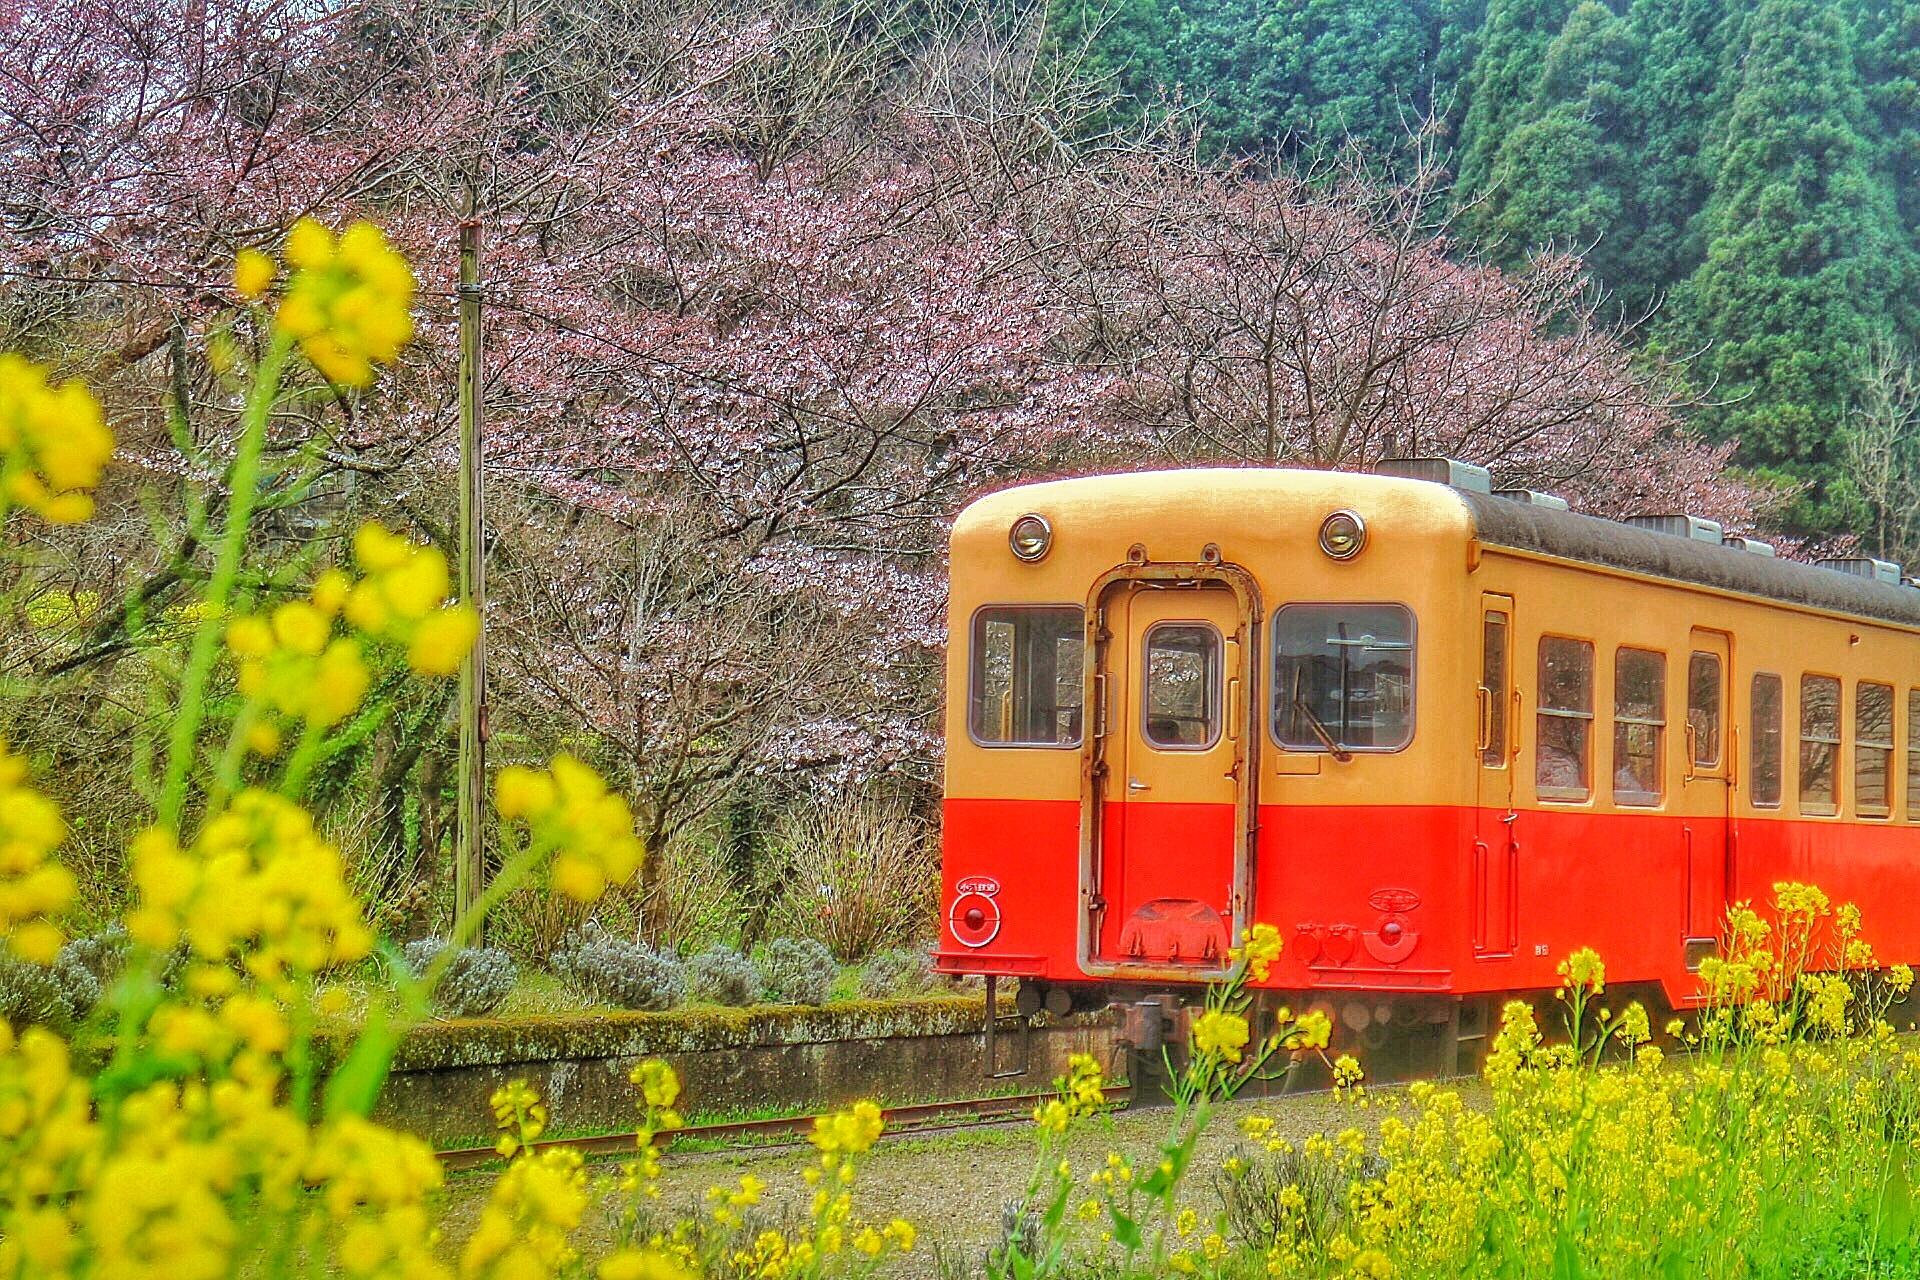 小湊鉄道の路線を巡る旅はトロッコ列車だけではなく見どころが満載!